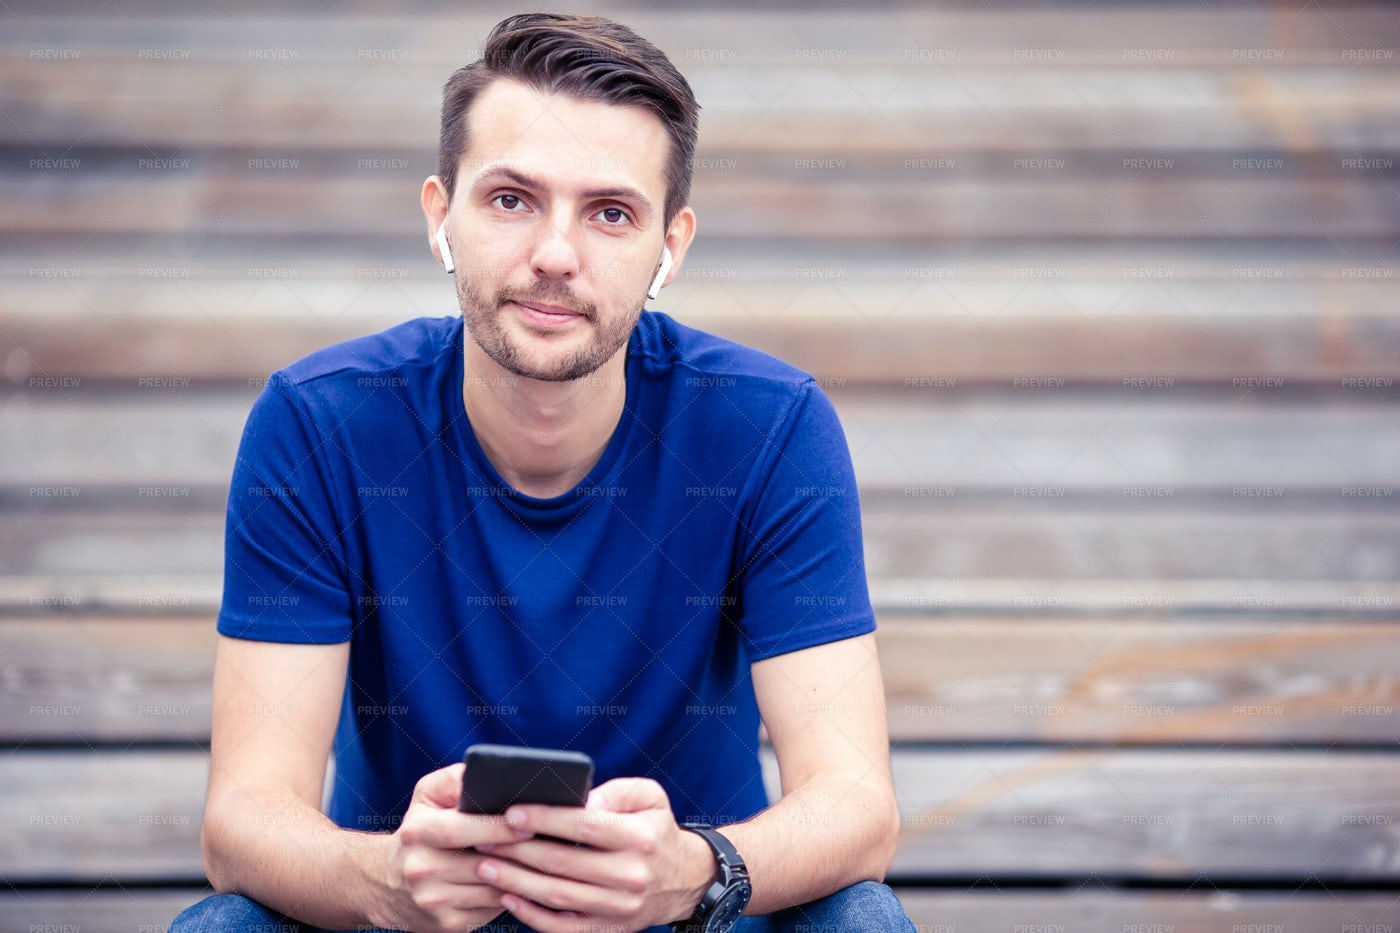 Reading A Text Message: Stock Photos